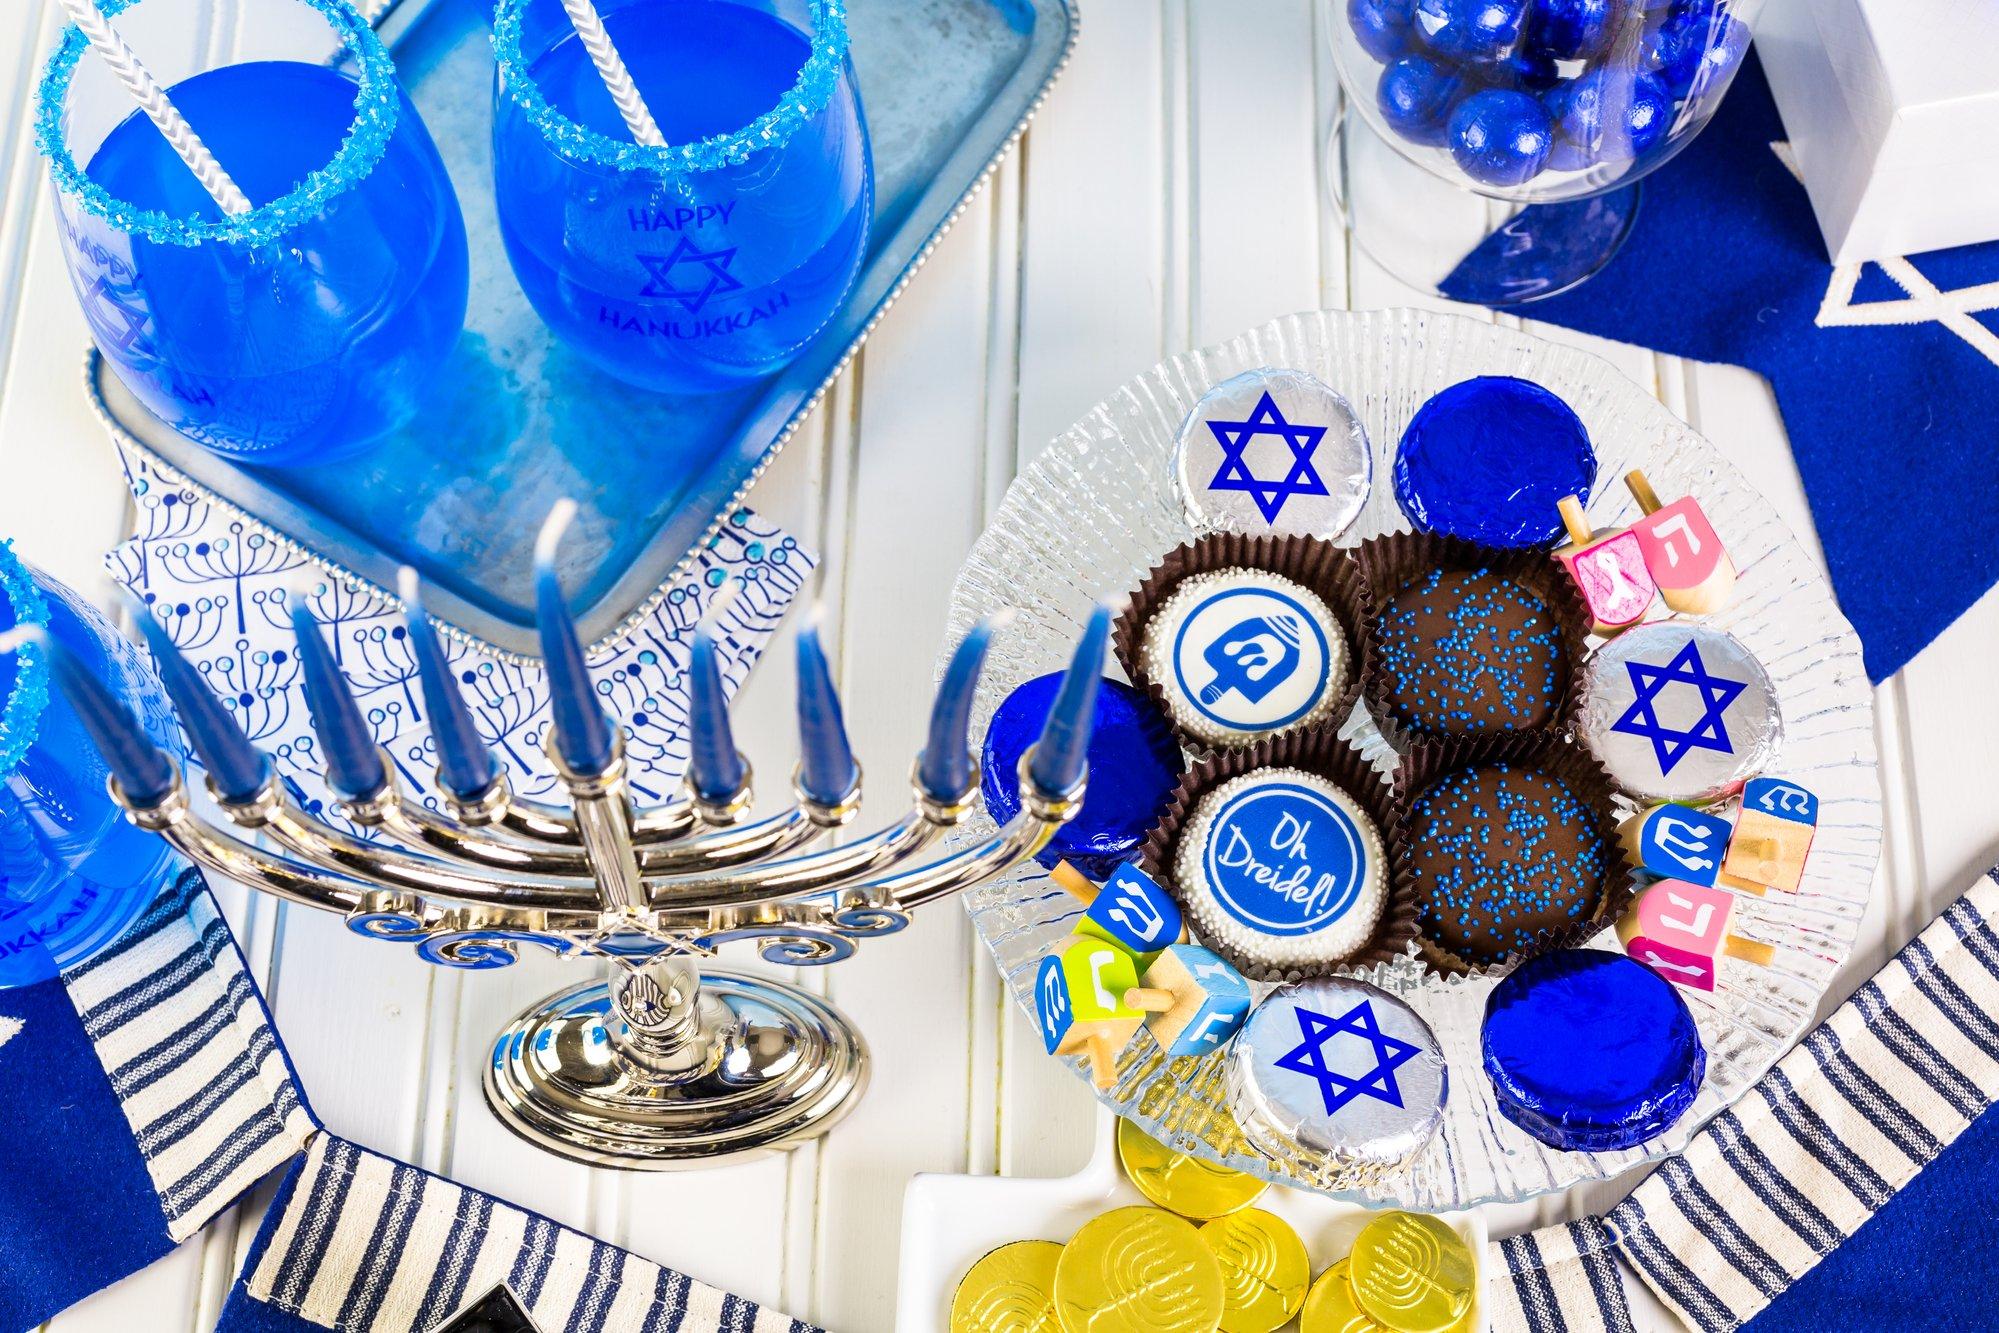 Hanukkah party tablescape